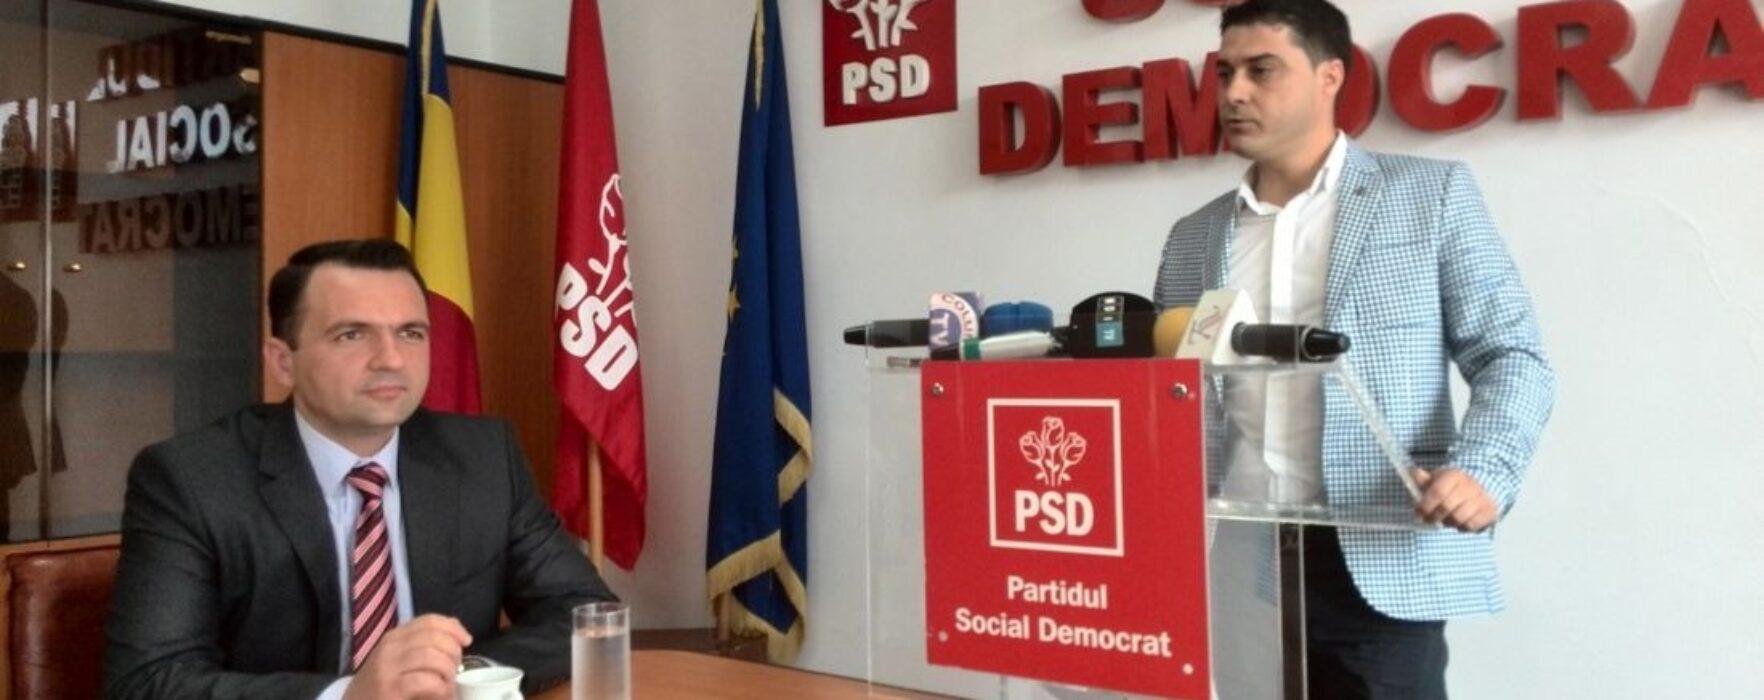 Protocol de colaborare semnat, în Dâmboviţa, între PSD şi PPDD